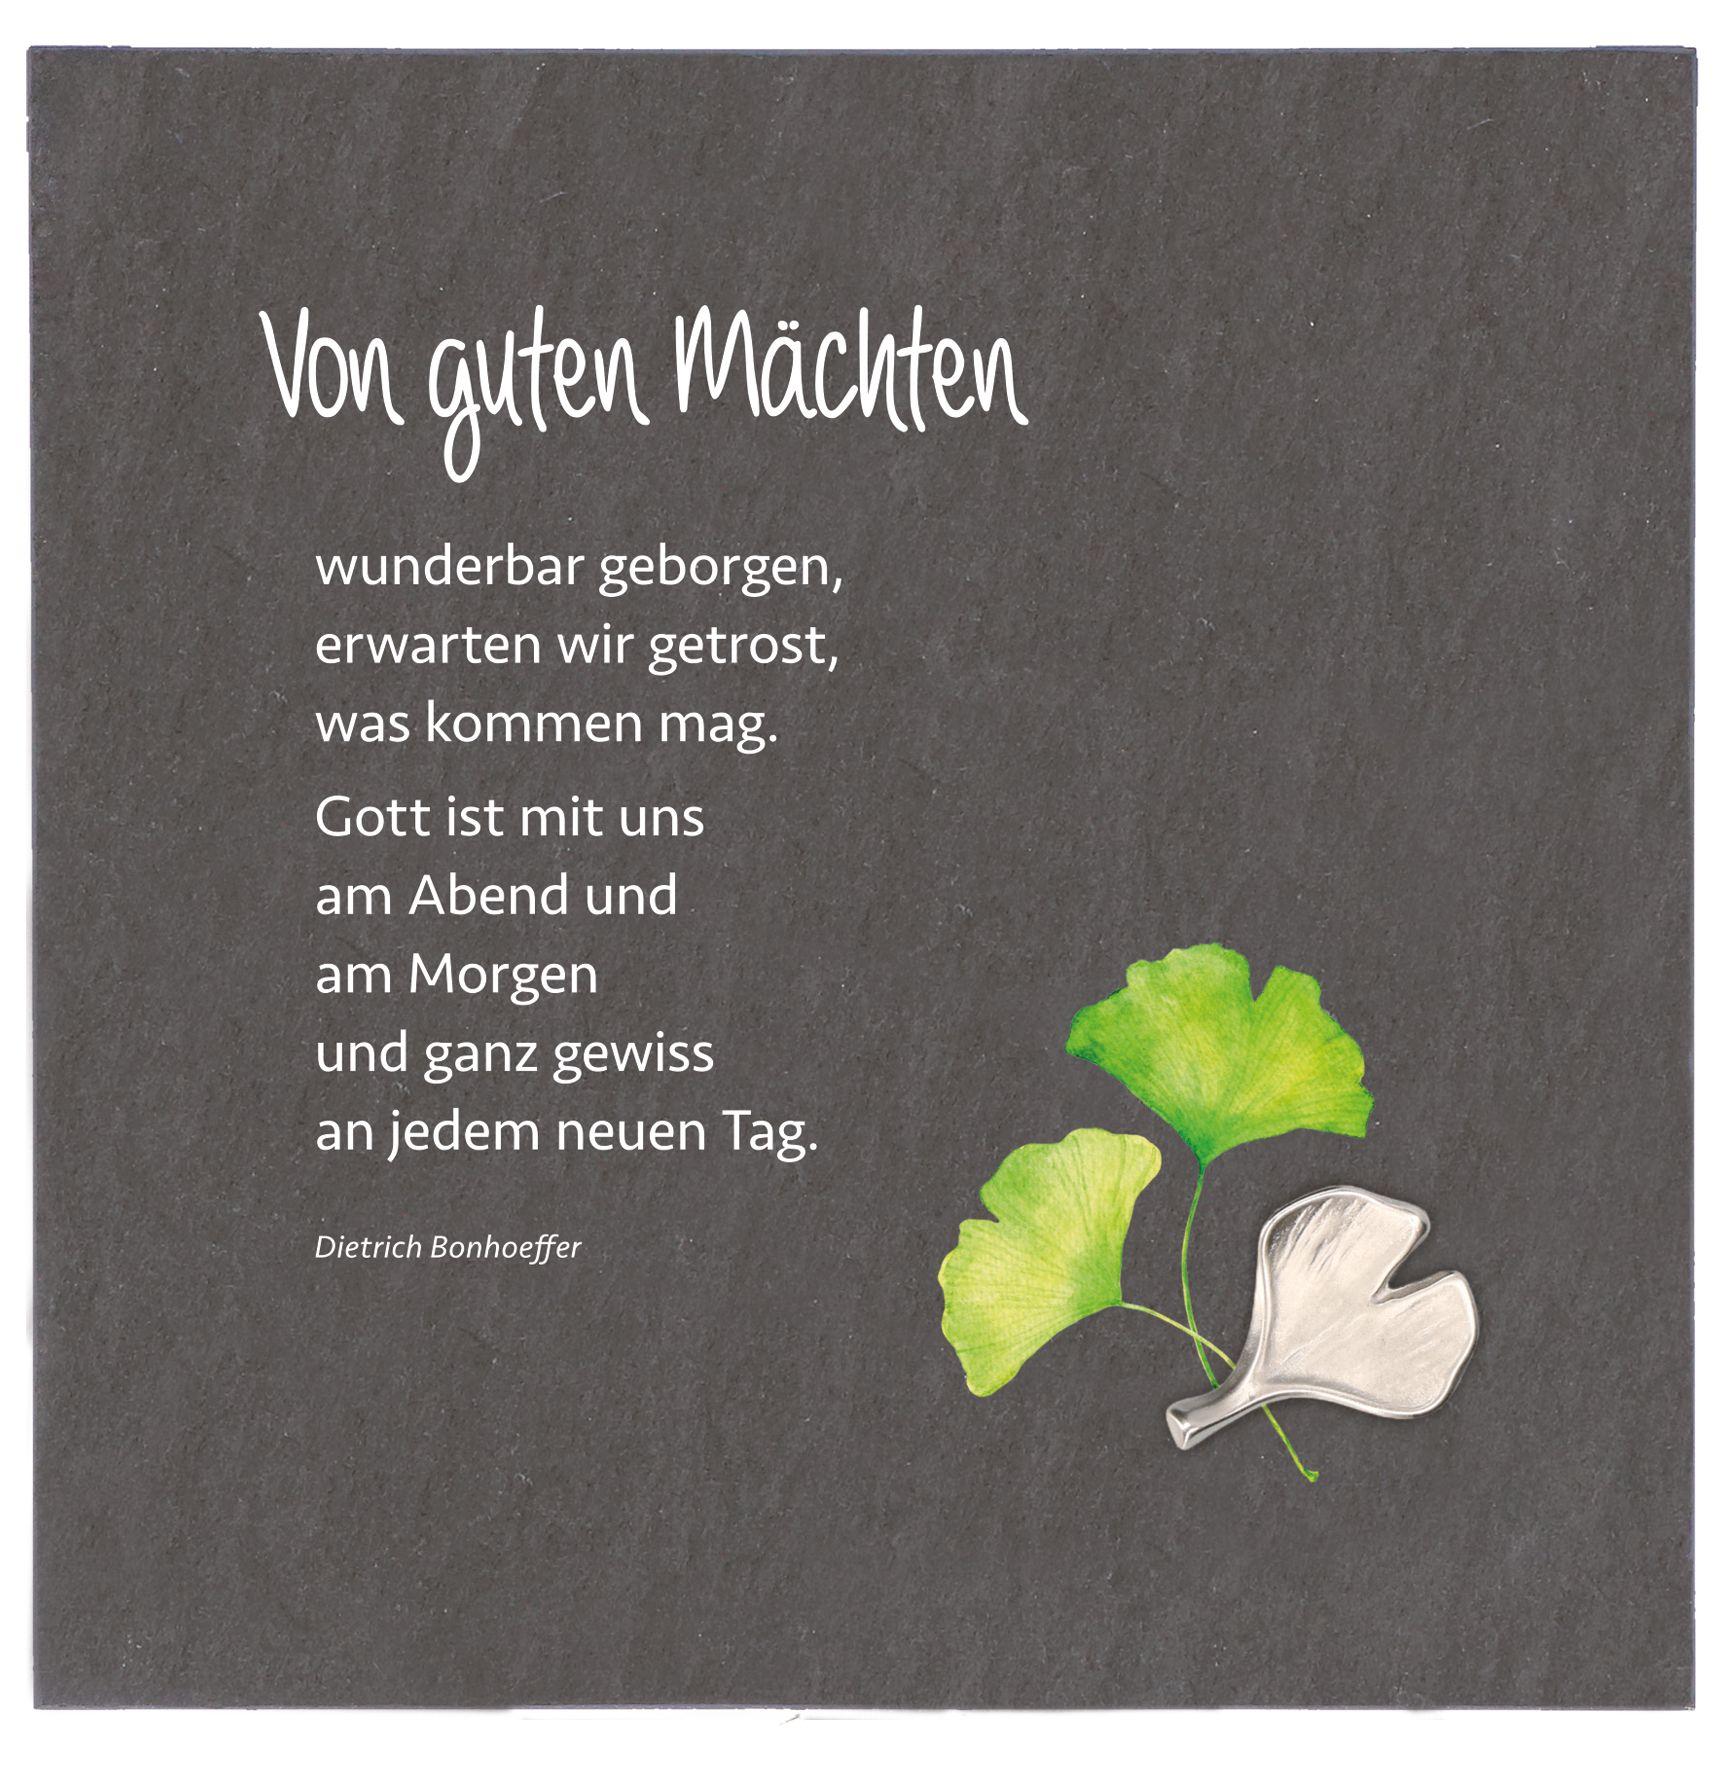 Schiefertafel Von Guten Machten In 2020 Bonhoeffer Zitate Schiefertafel Dietrich Bonhoeffer Zitate